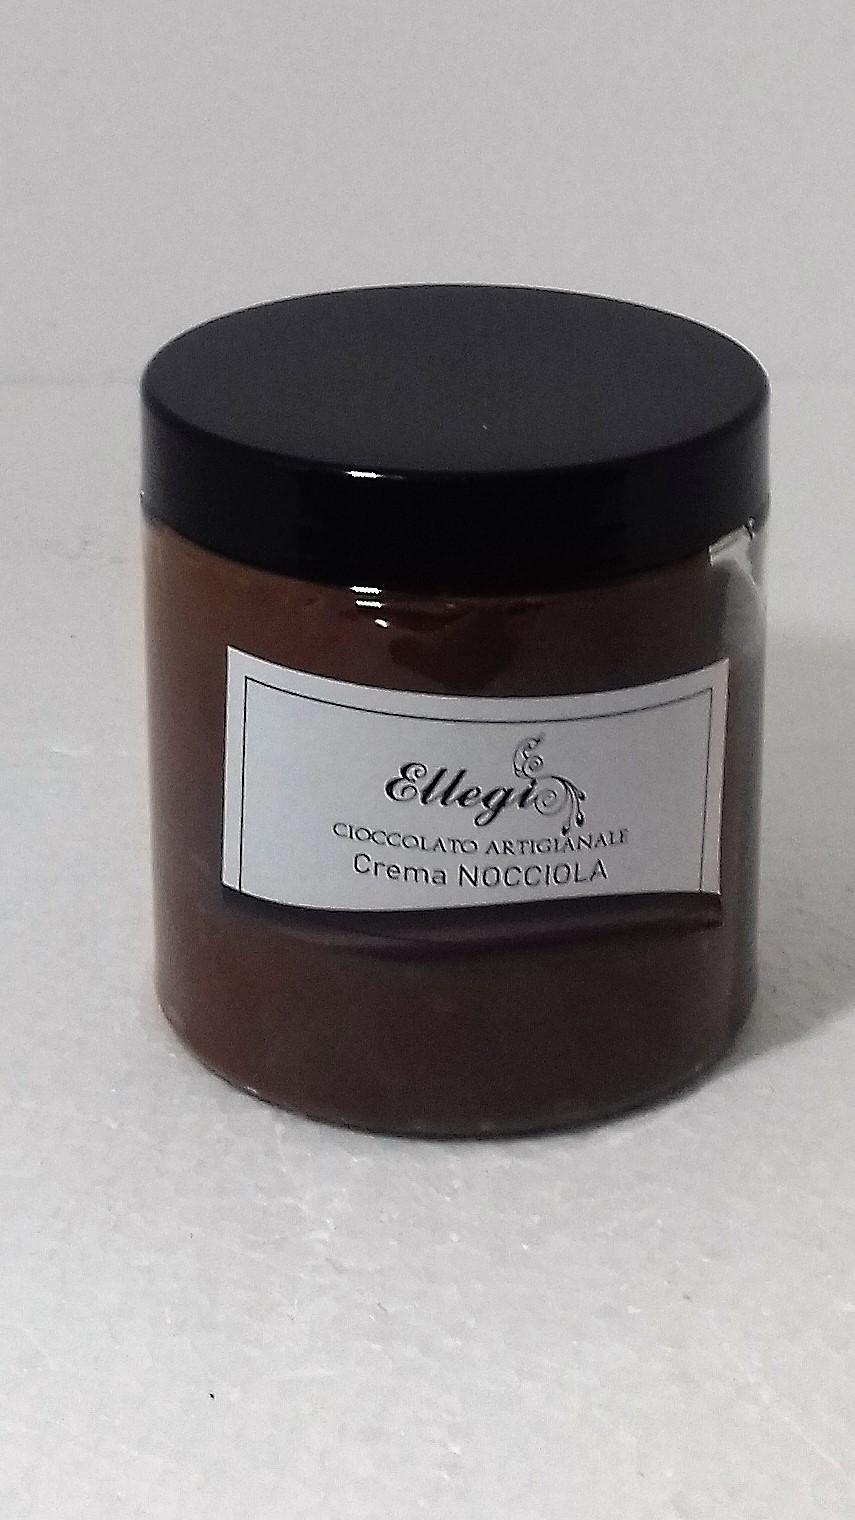 Crema spalmabile alla nocciola ARTIGIANALE da gr.600 new packaging